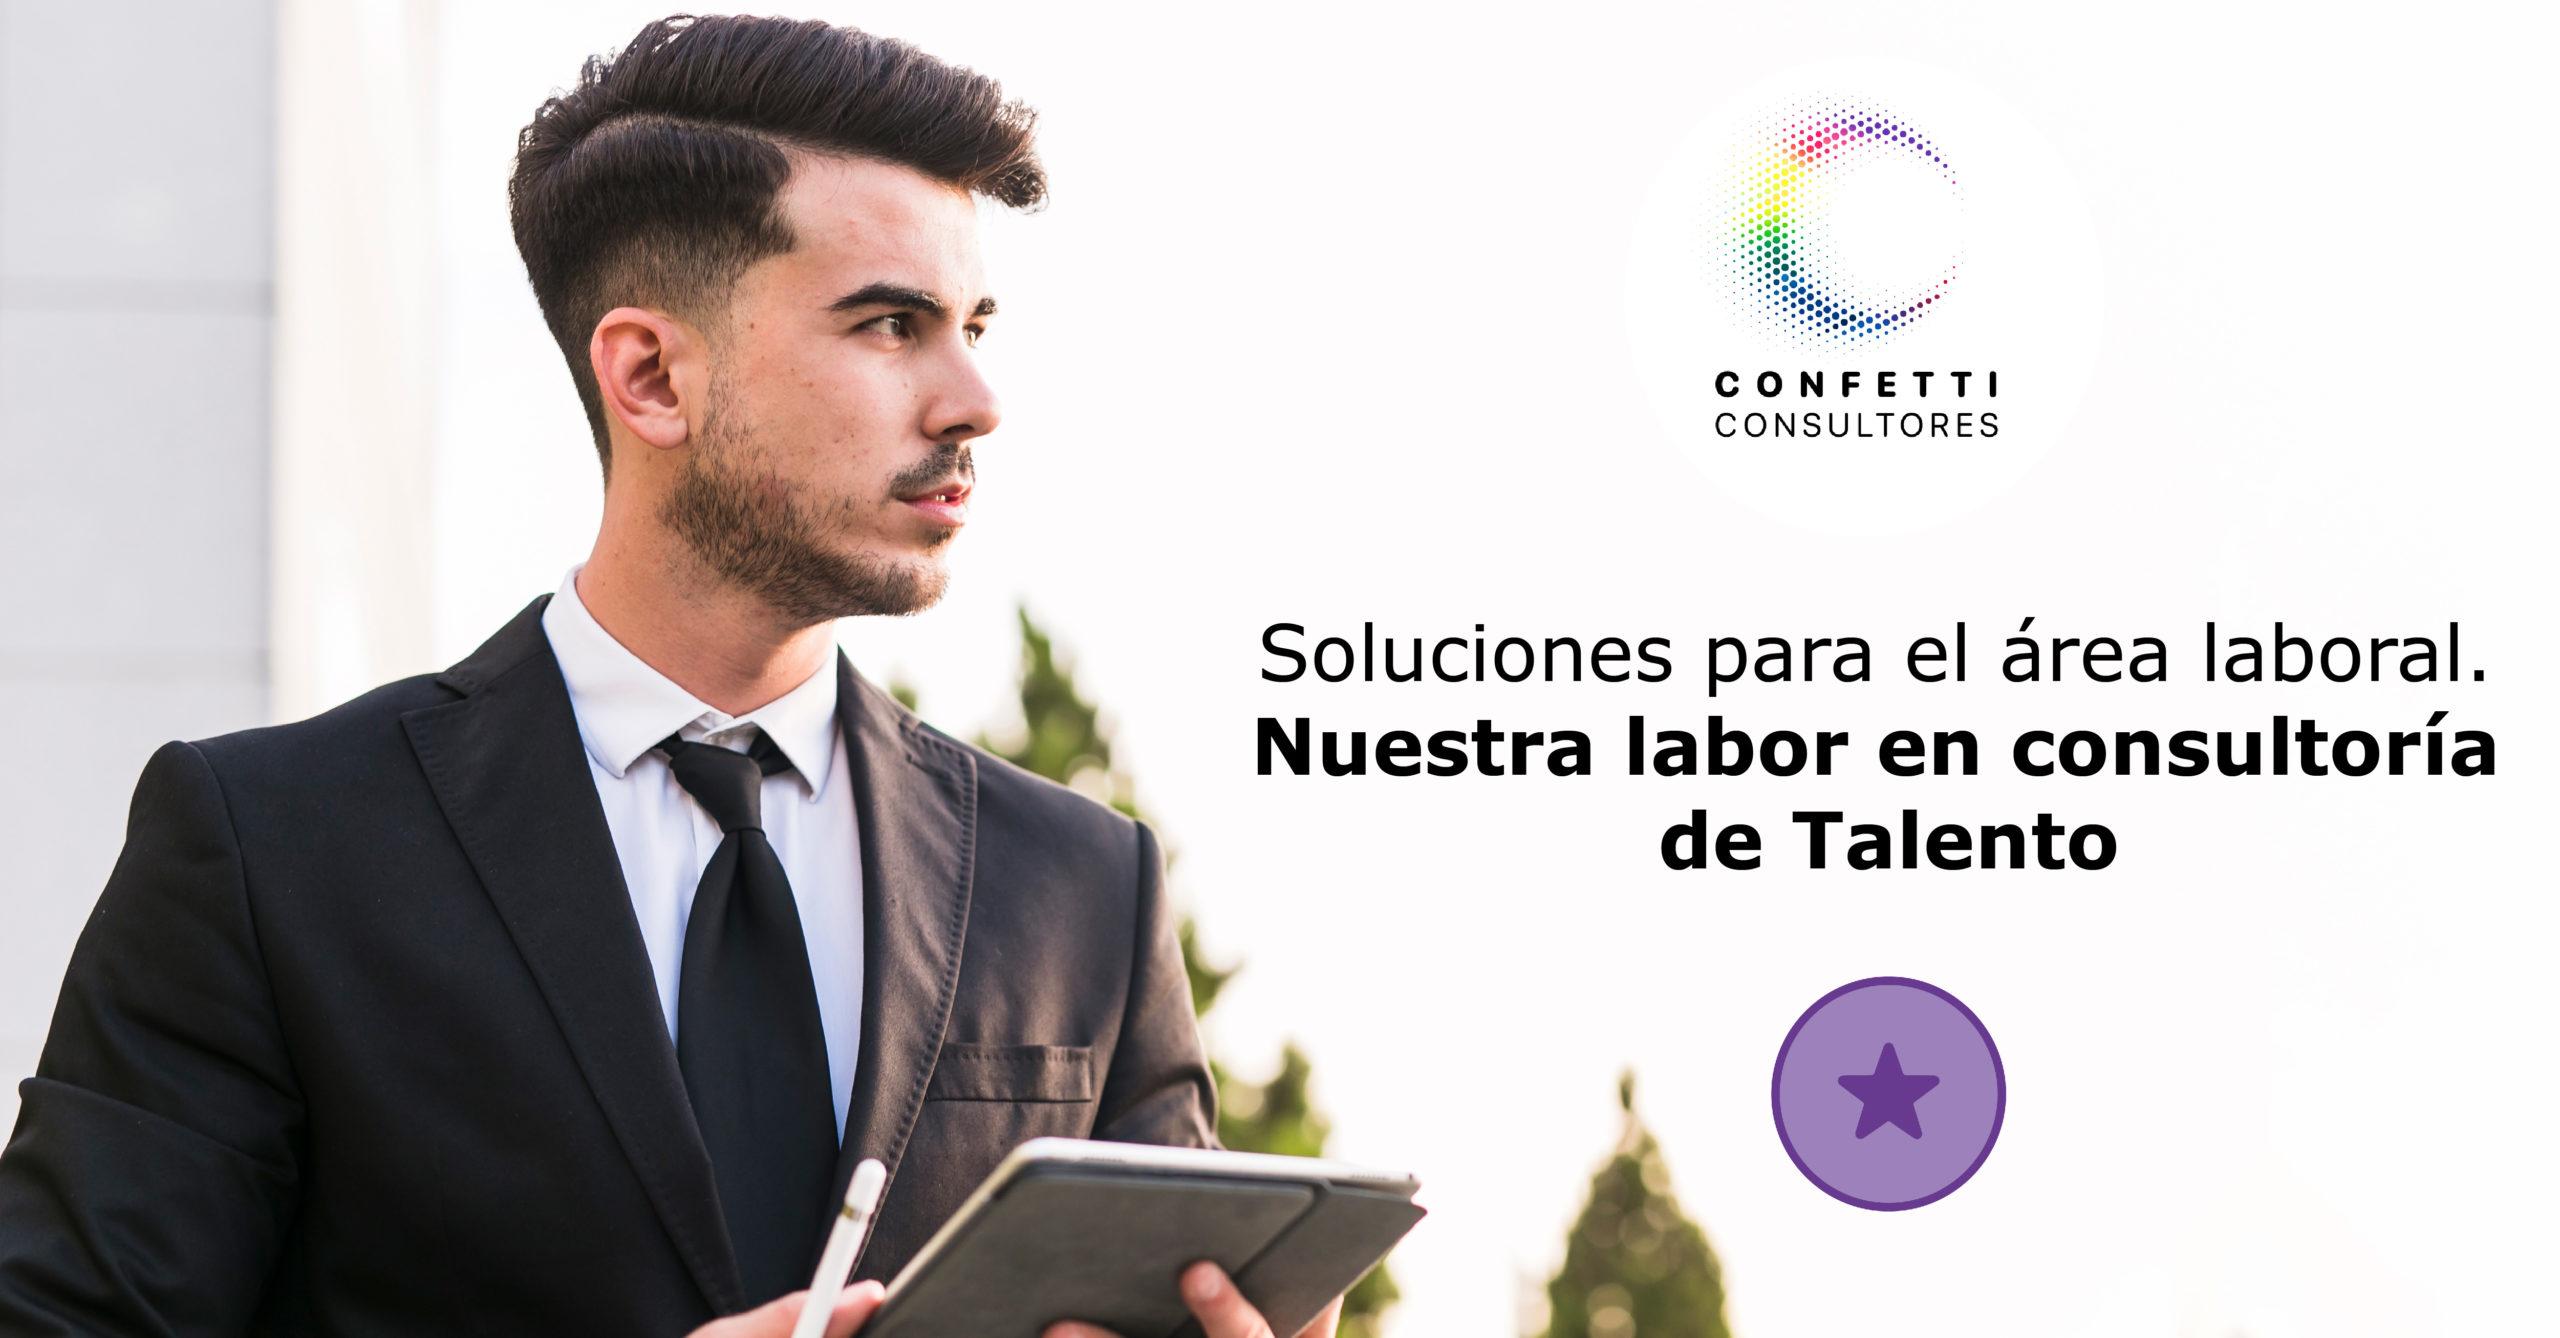 Consultoría de talento